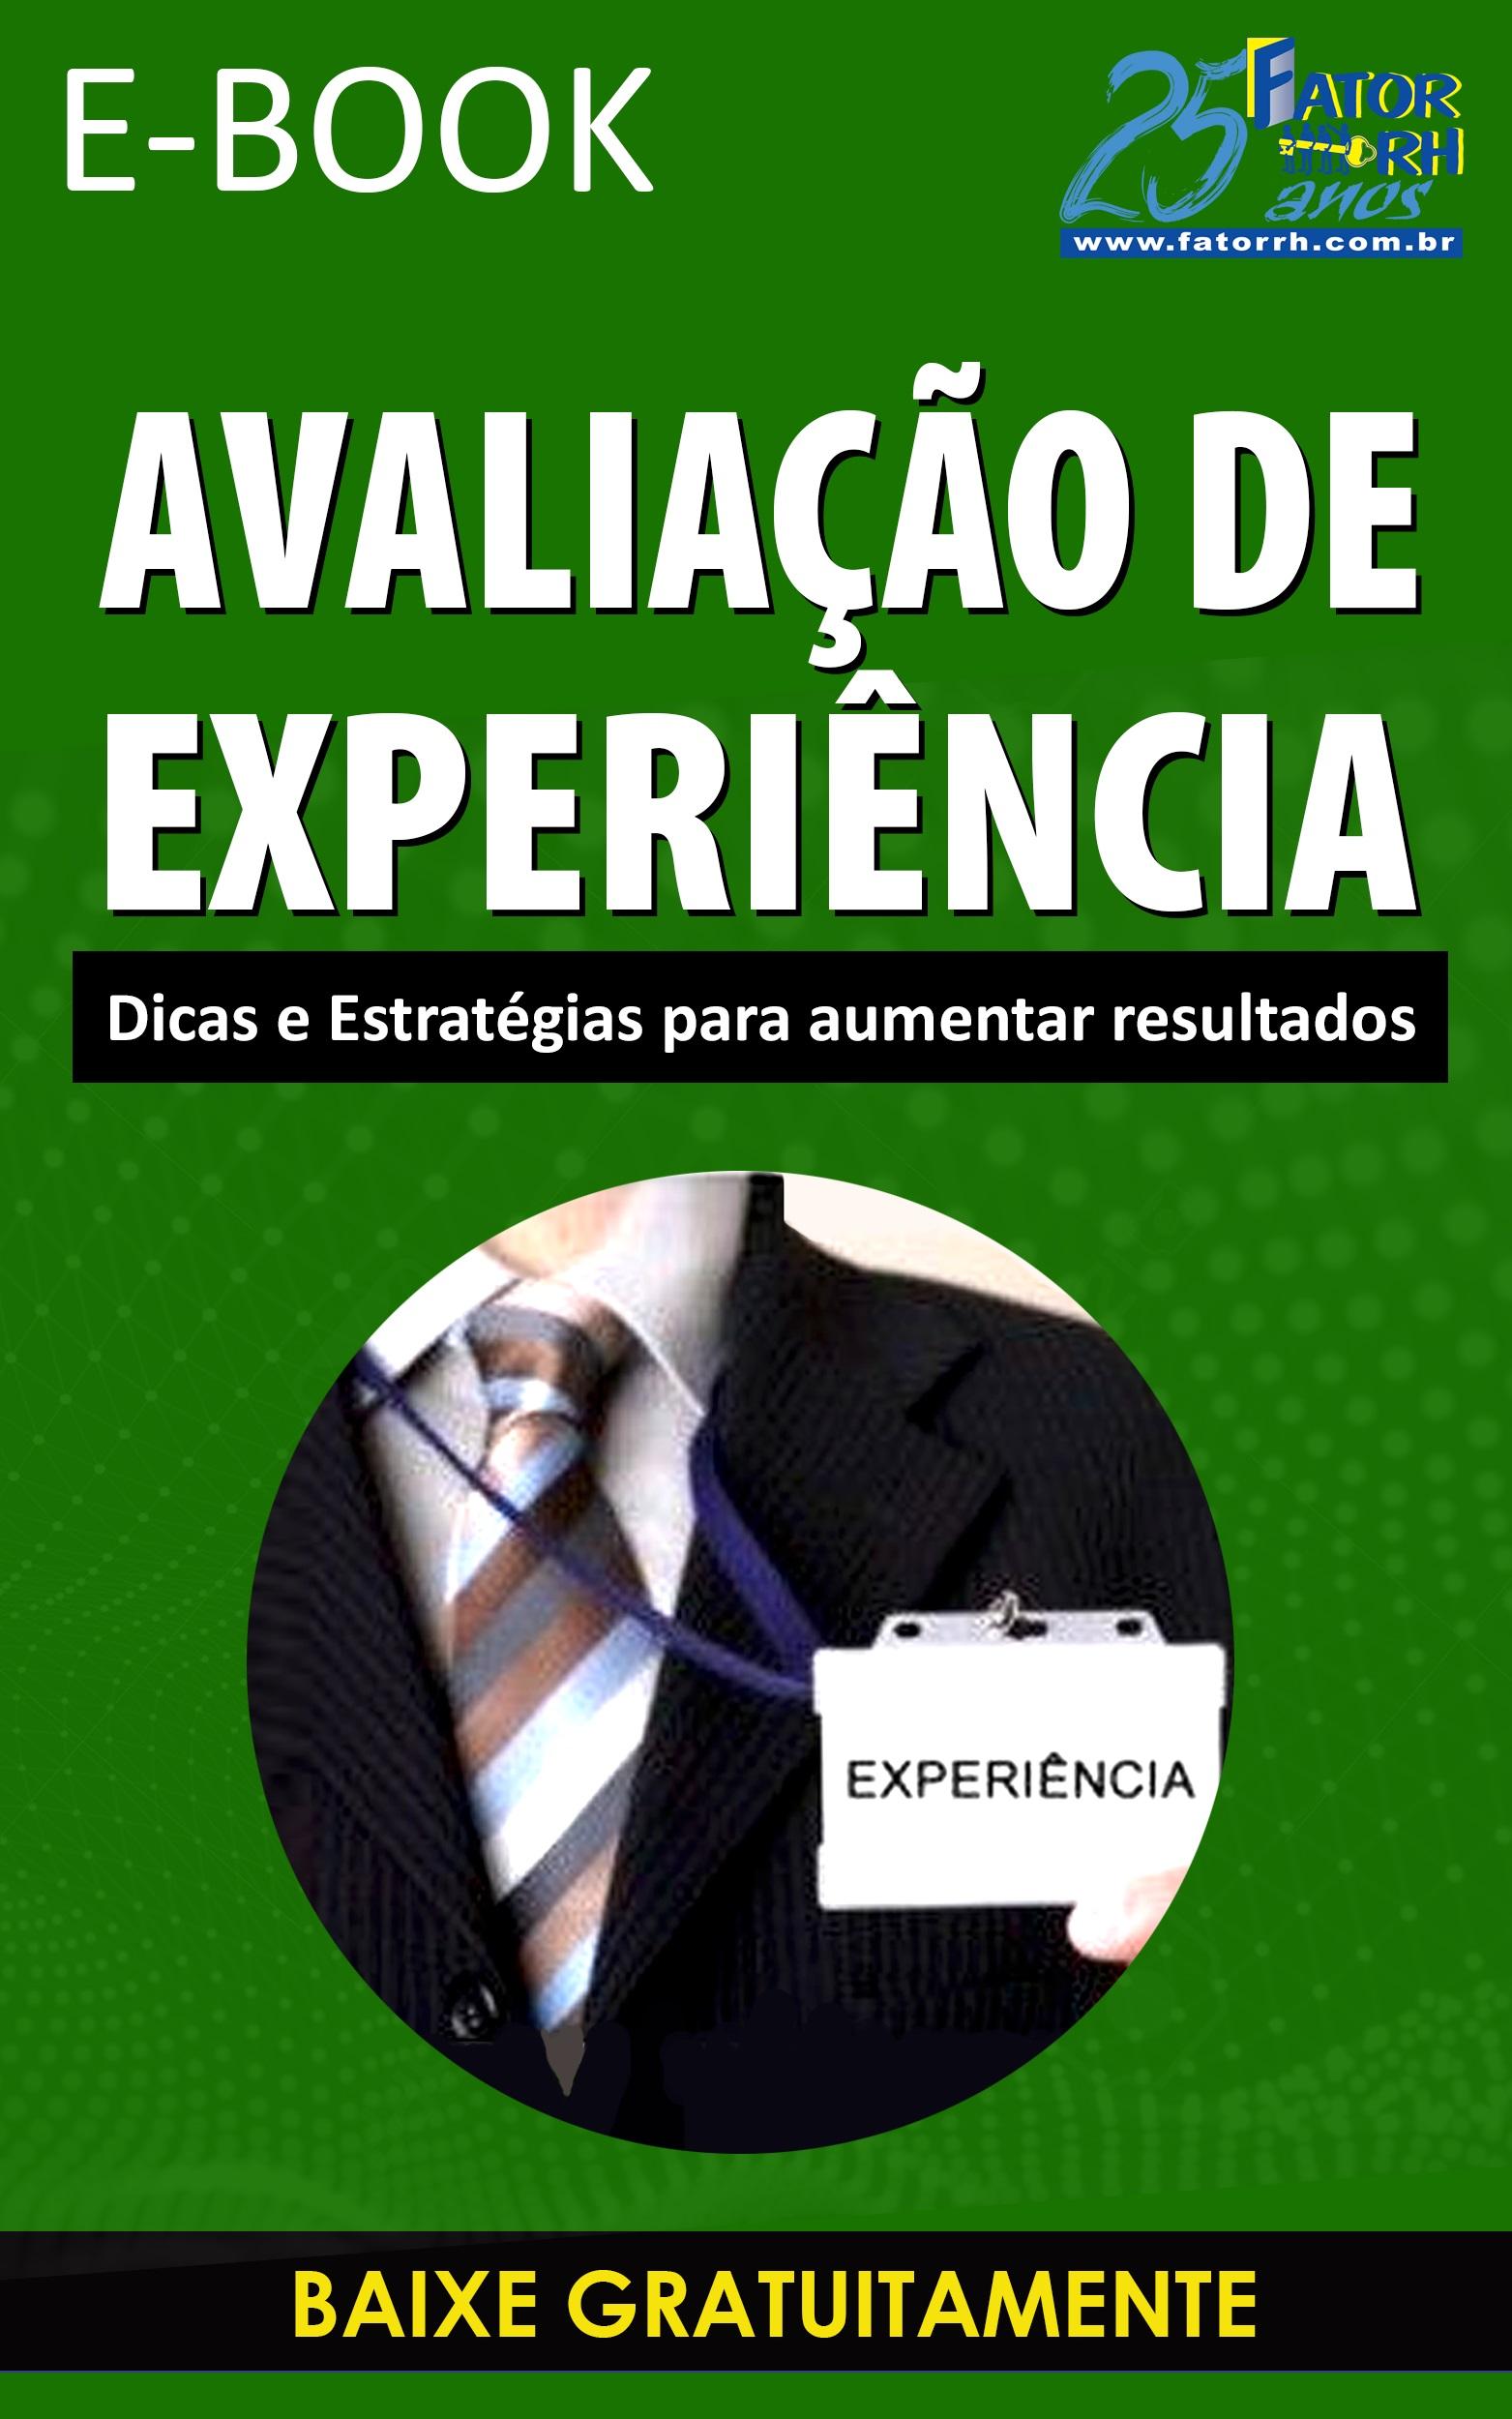 E-book Avaliação de Experiência - Baixe Gratuitamente